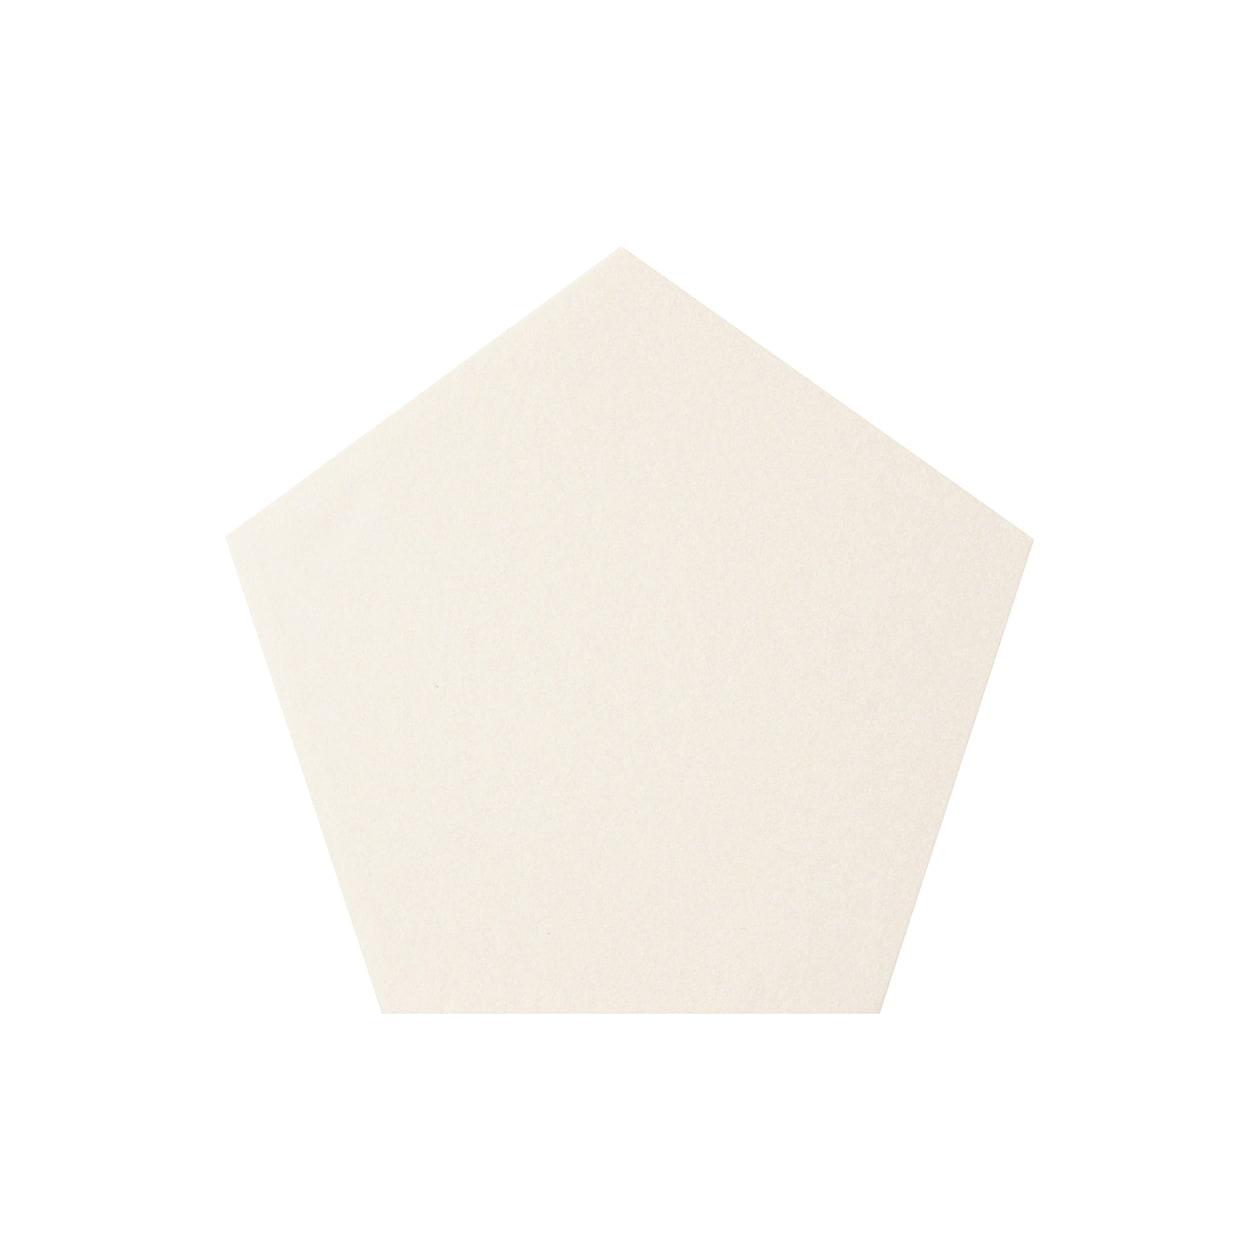 サンプル カード・シート 00108